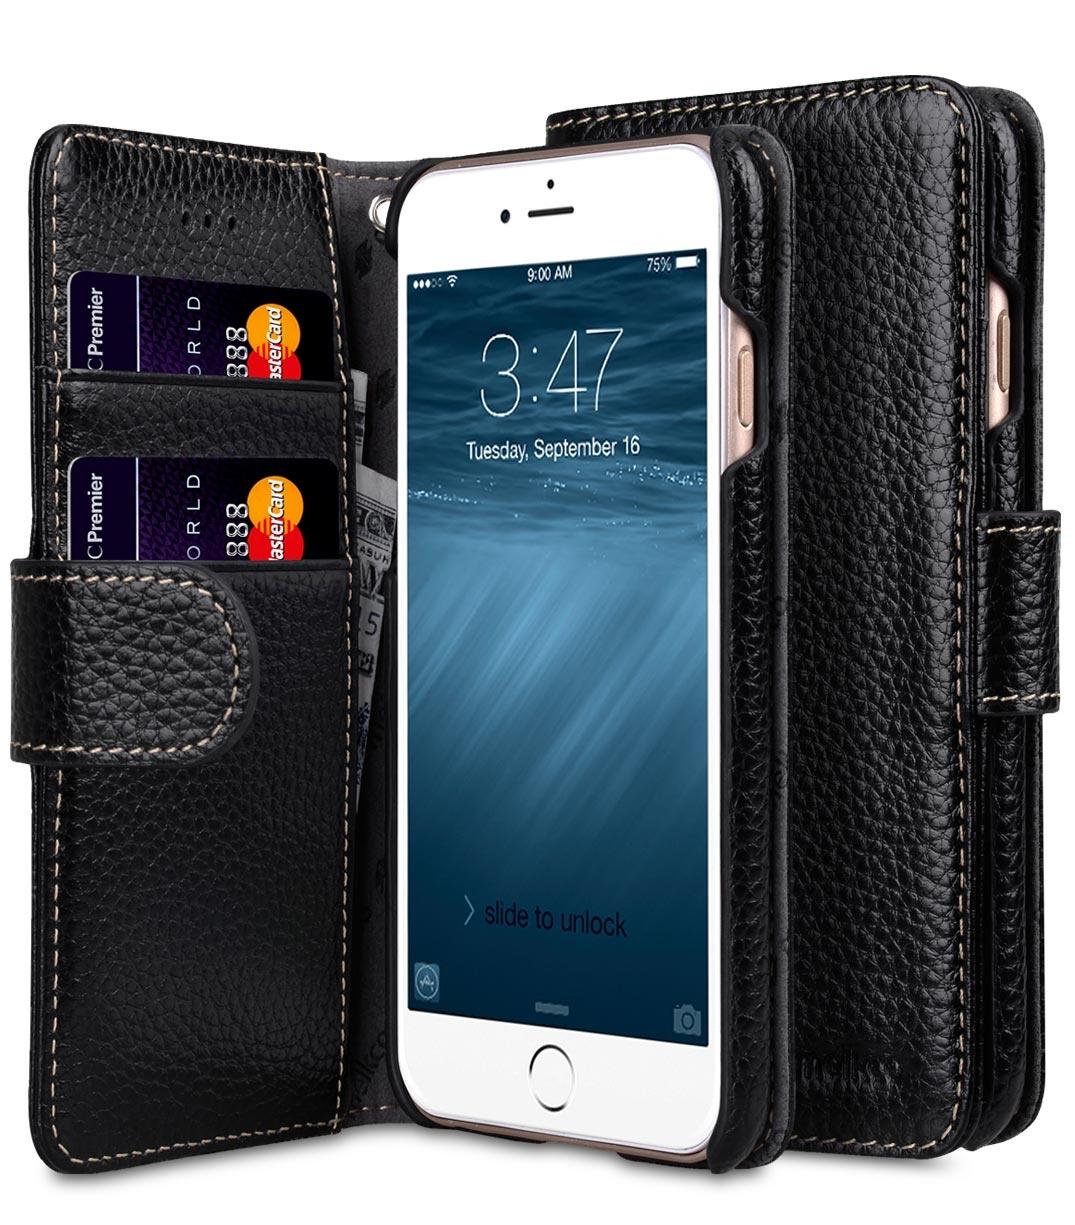 Чехол для сотового телефона Melkco Кожаный чехол книжка для Apple iPhone 7 Plus/8 Plus - Wallet Book Type, черный чехол книжка для apple iphone 7 8 sgp valentinus черный